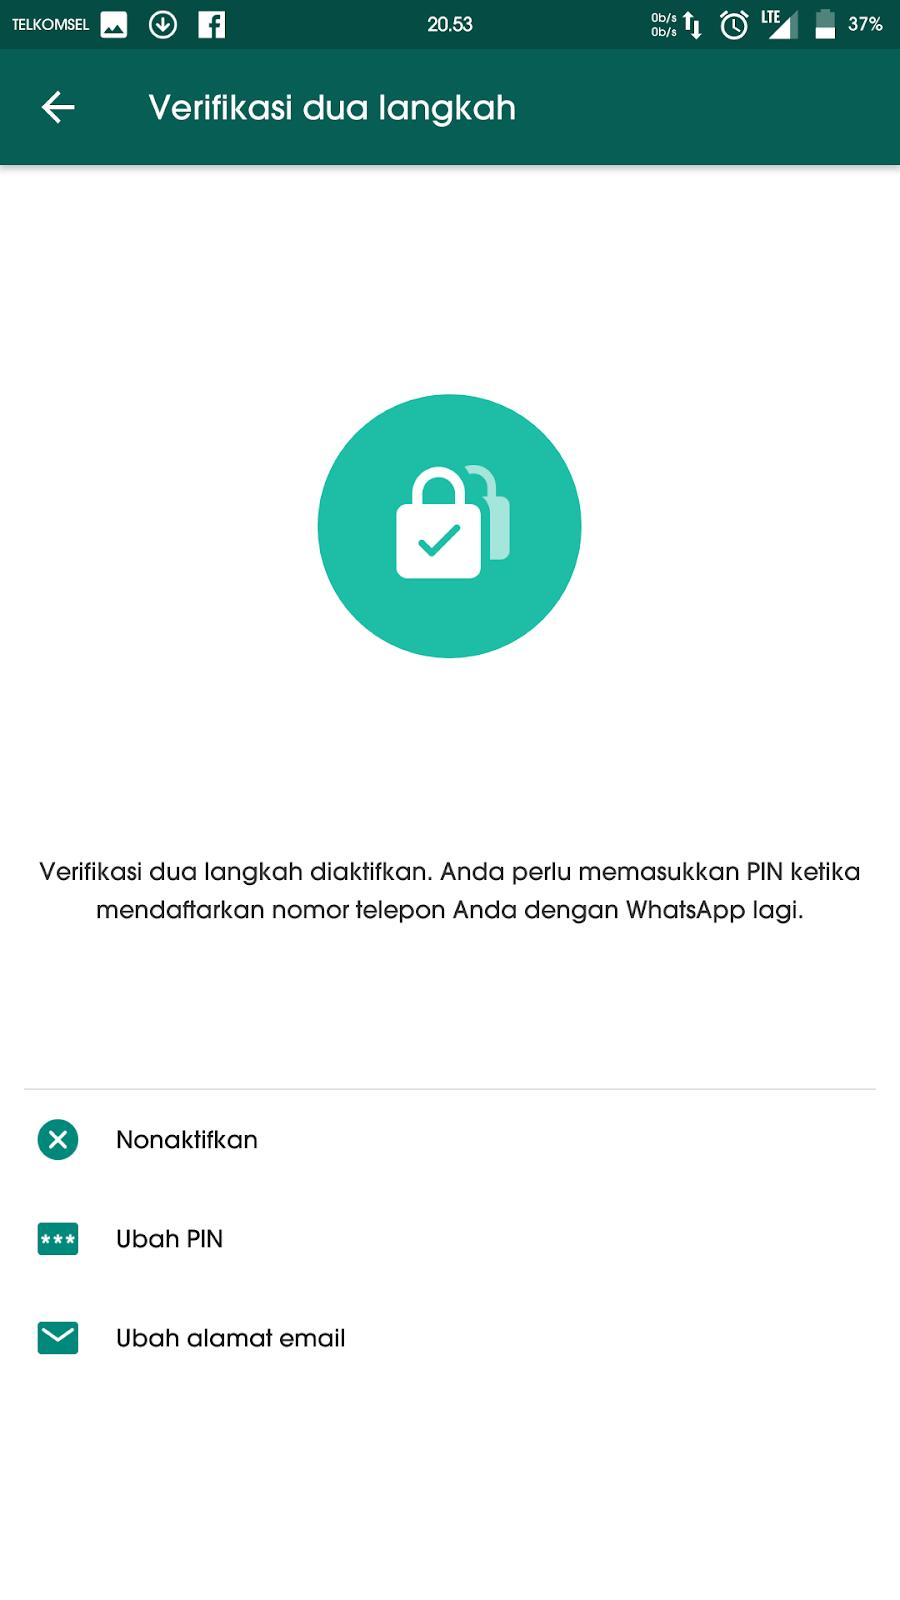 Lindungi Akun Whatsapp Kamu Dengan Cara Mengaktifkan Fitur TFA Agar Terbebas dari Cyber 4